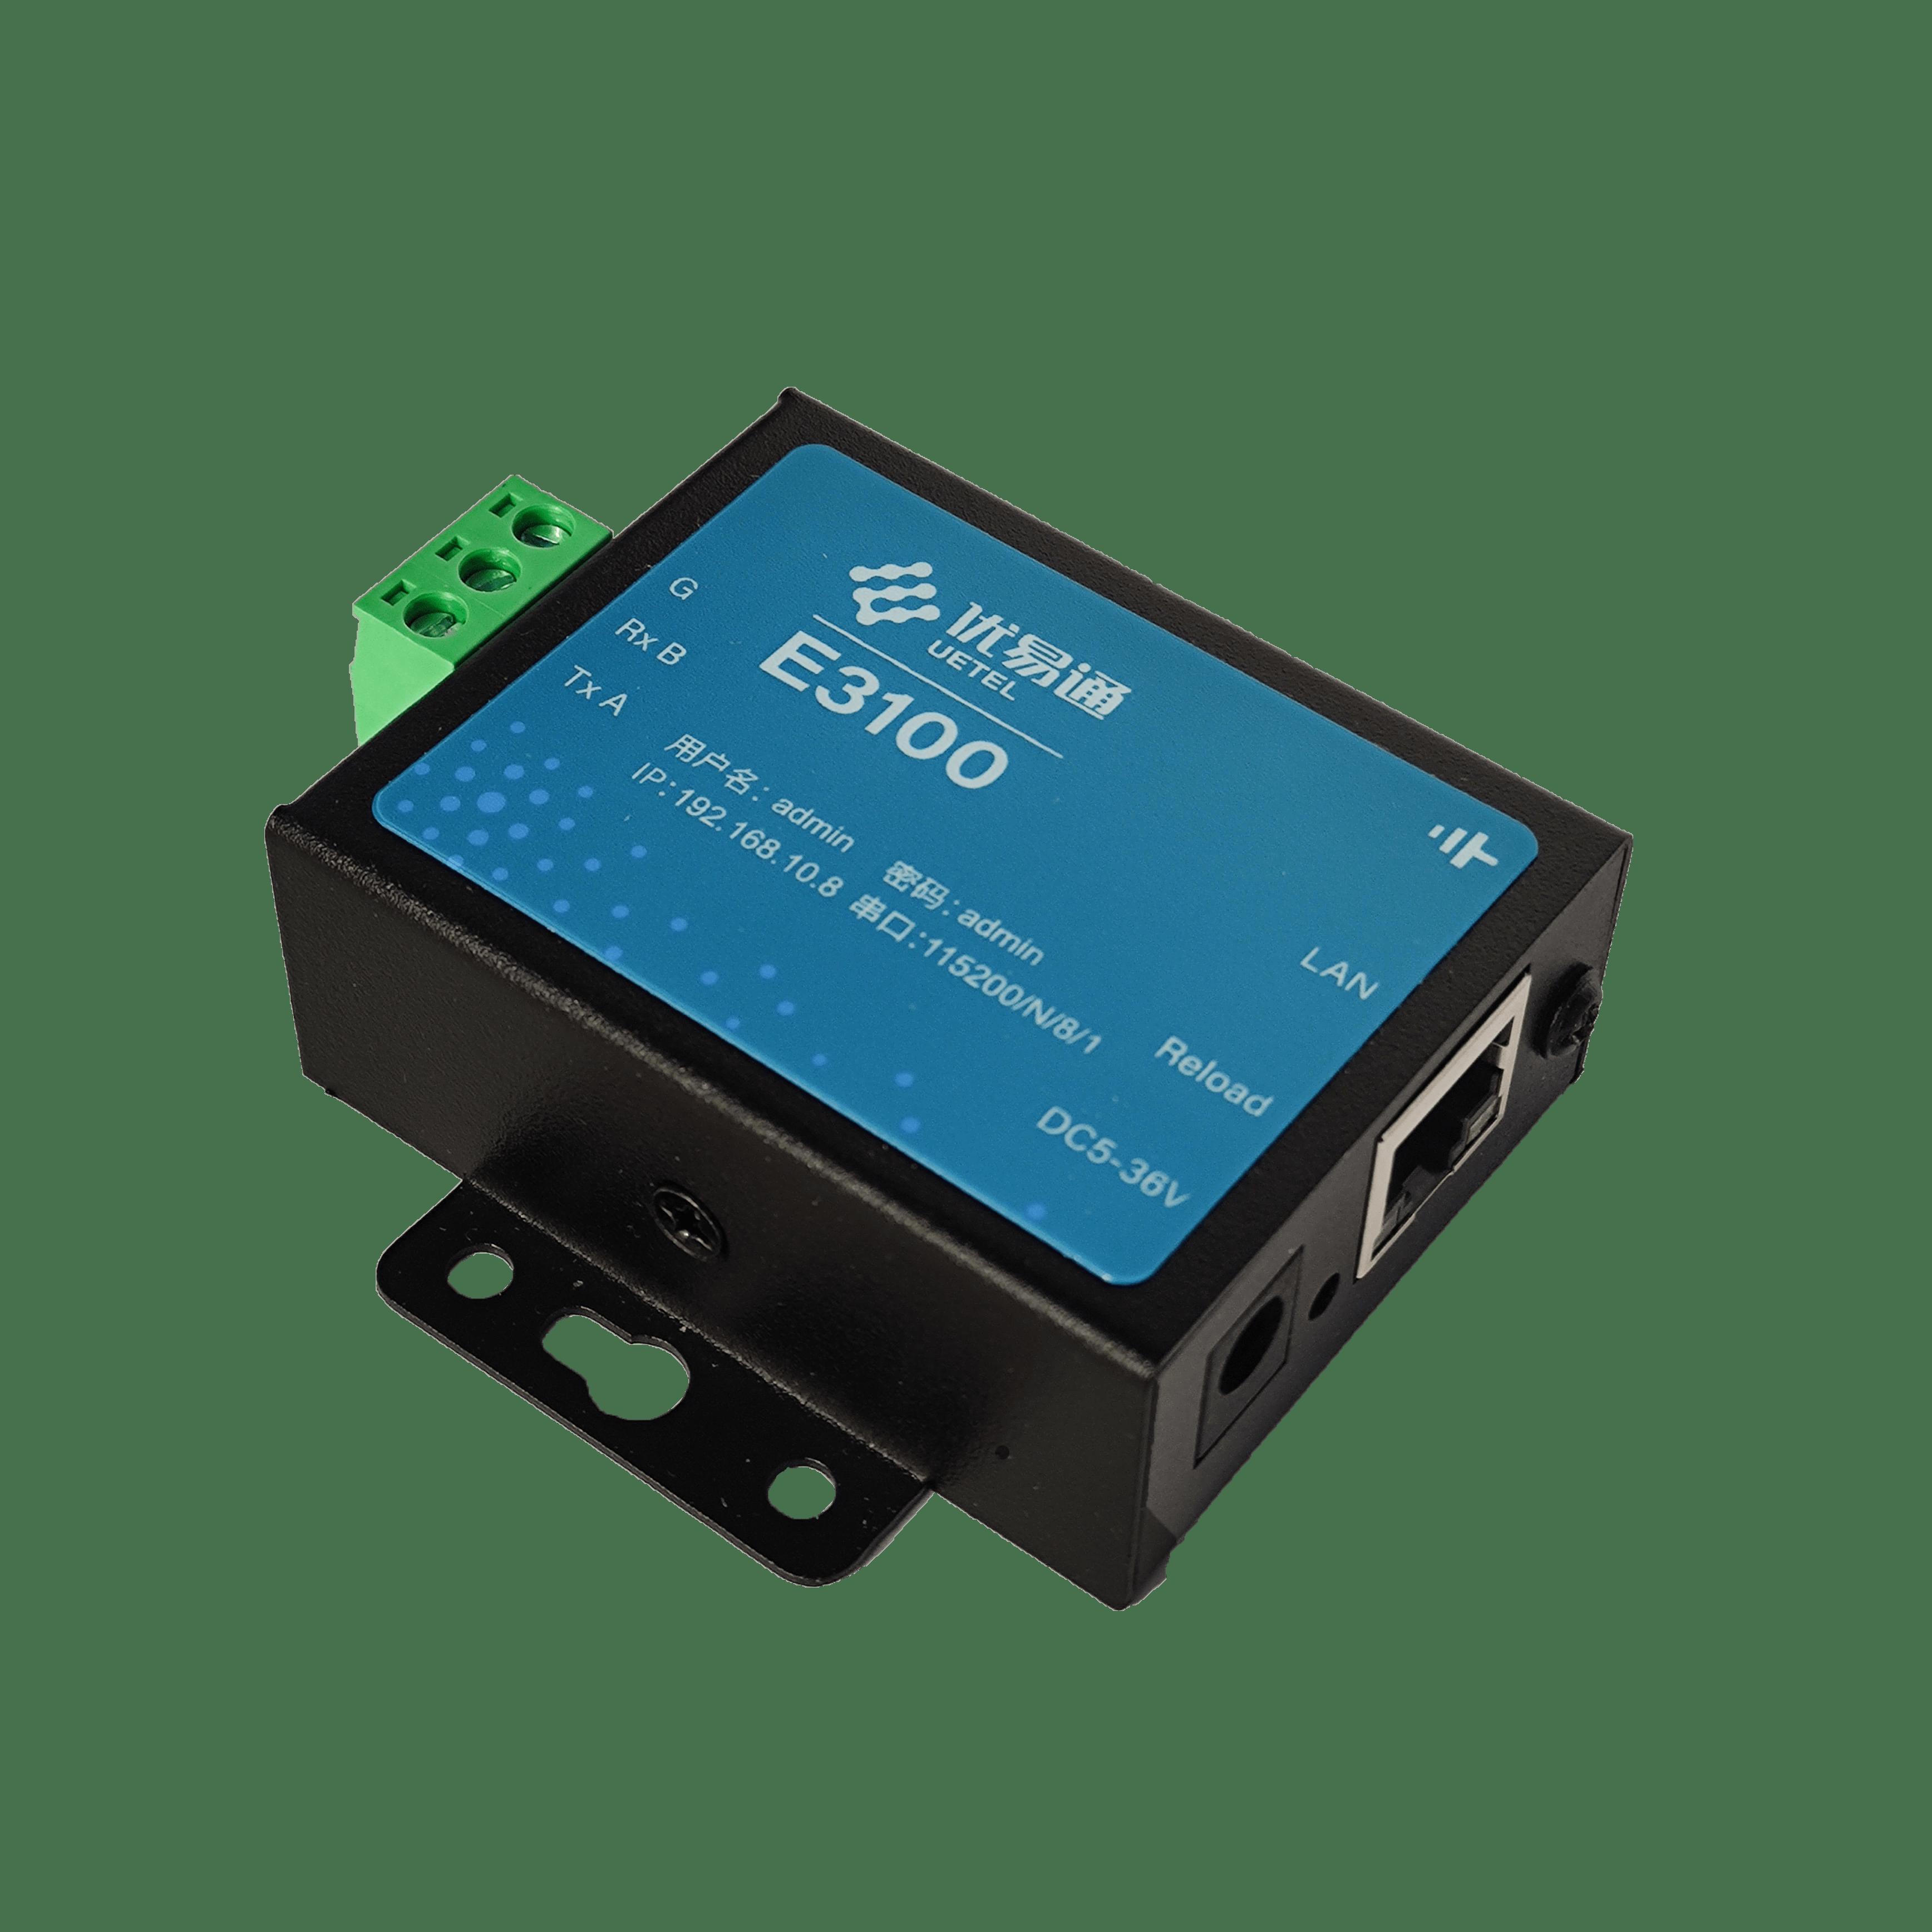 优易通,串口服务器,UE-E3100